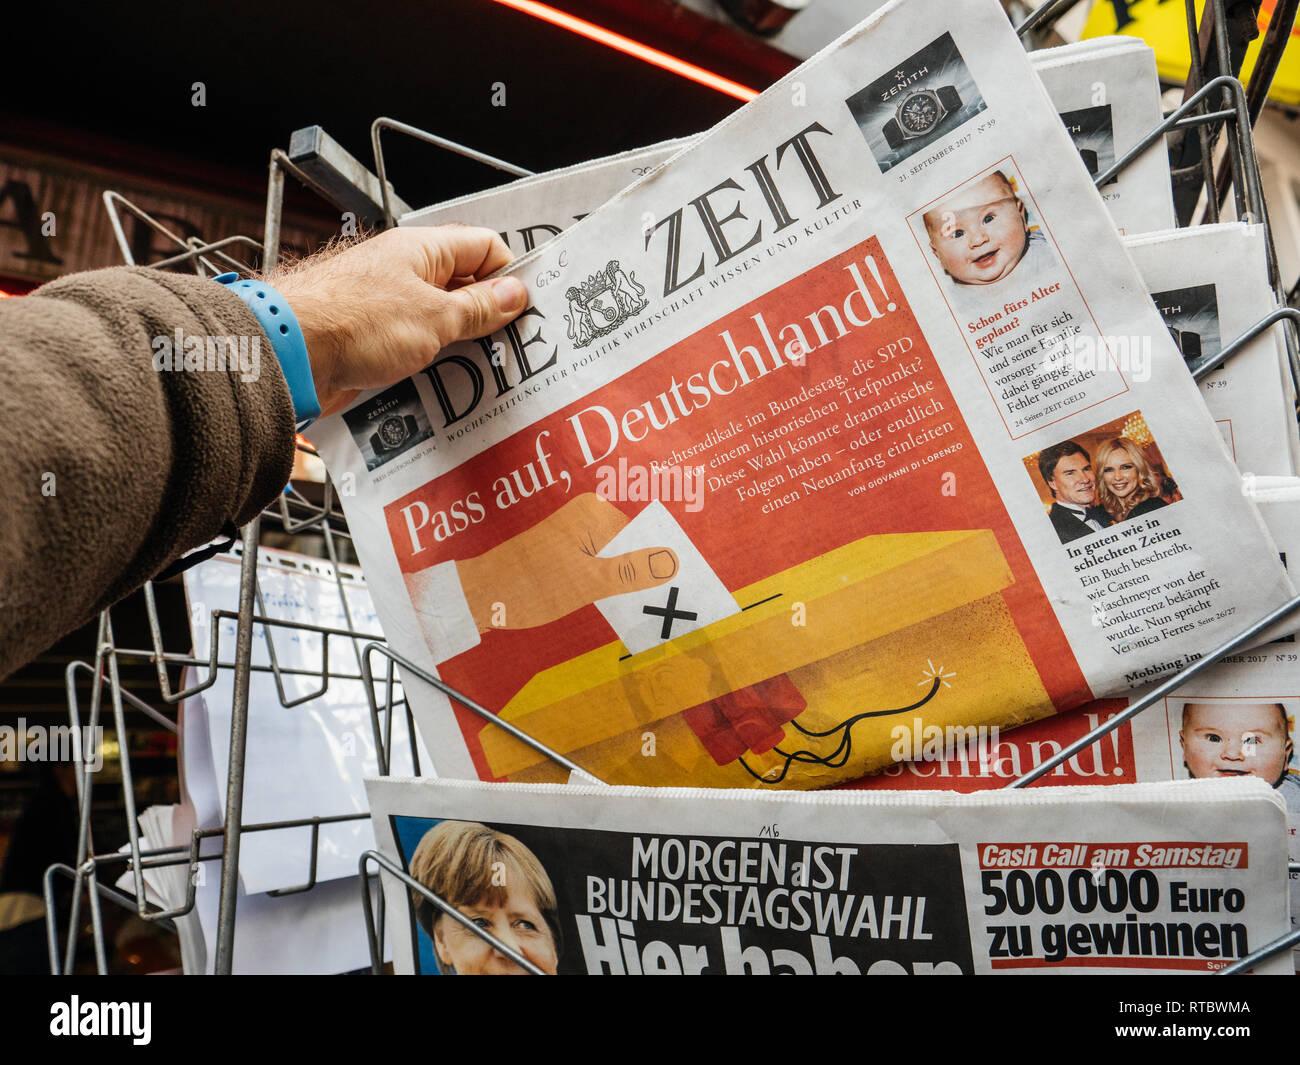 PARIS, Frankreich, 23.September 2017: Mann kaufen neueste Zeitung Die Zeit Deutsche Presse mit Porträt von Angela Merkel vor der Wahl in Deutschland für den Bundeskanzler der Bundesrepublik Deutschland, der Leiter der föderalen Regierung, derzeit Angela Merkel Stockbild